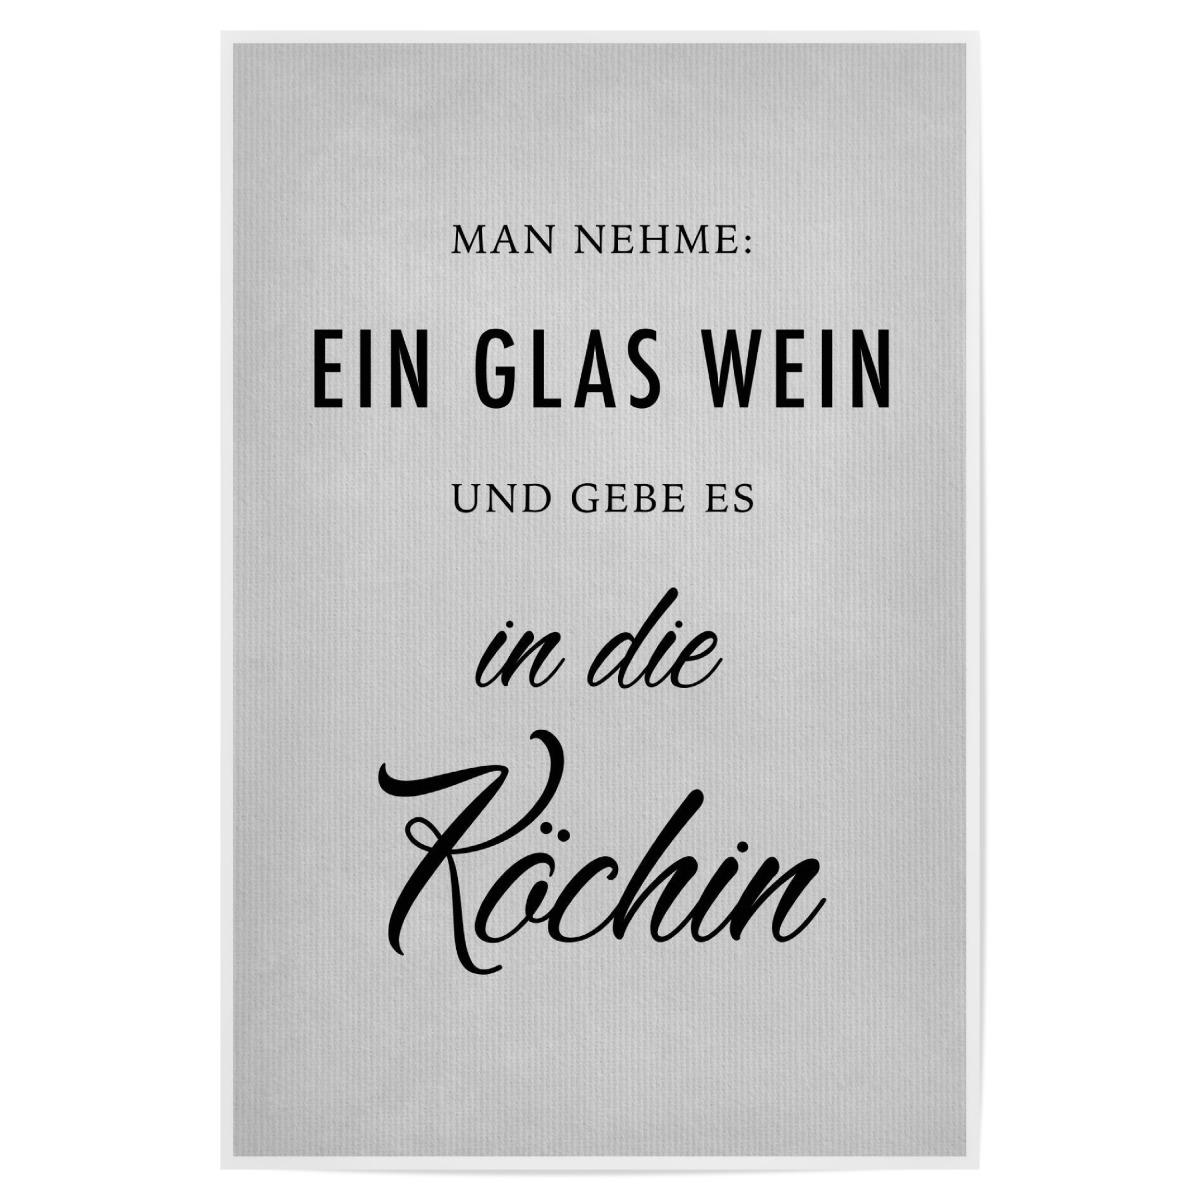 29ec51460e3dfd Ein Glas Wein - Köchin als Poster bei artboxONE kaufen